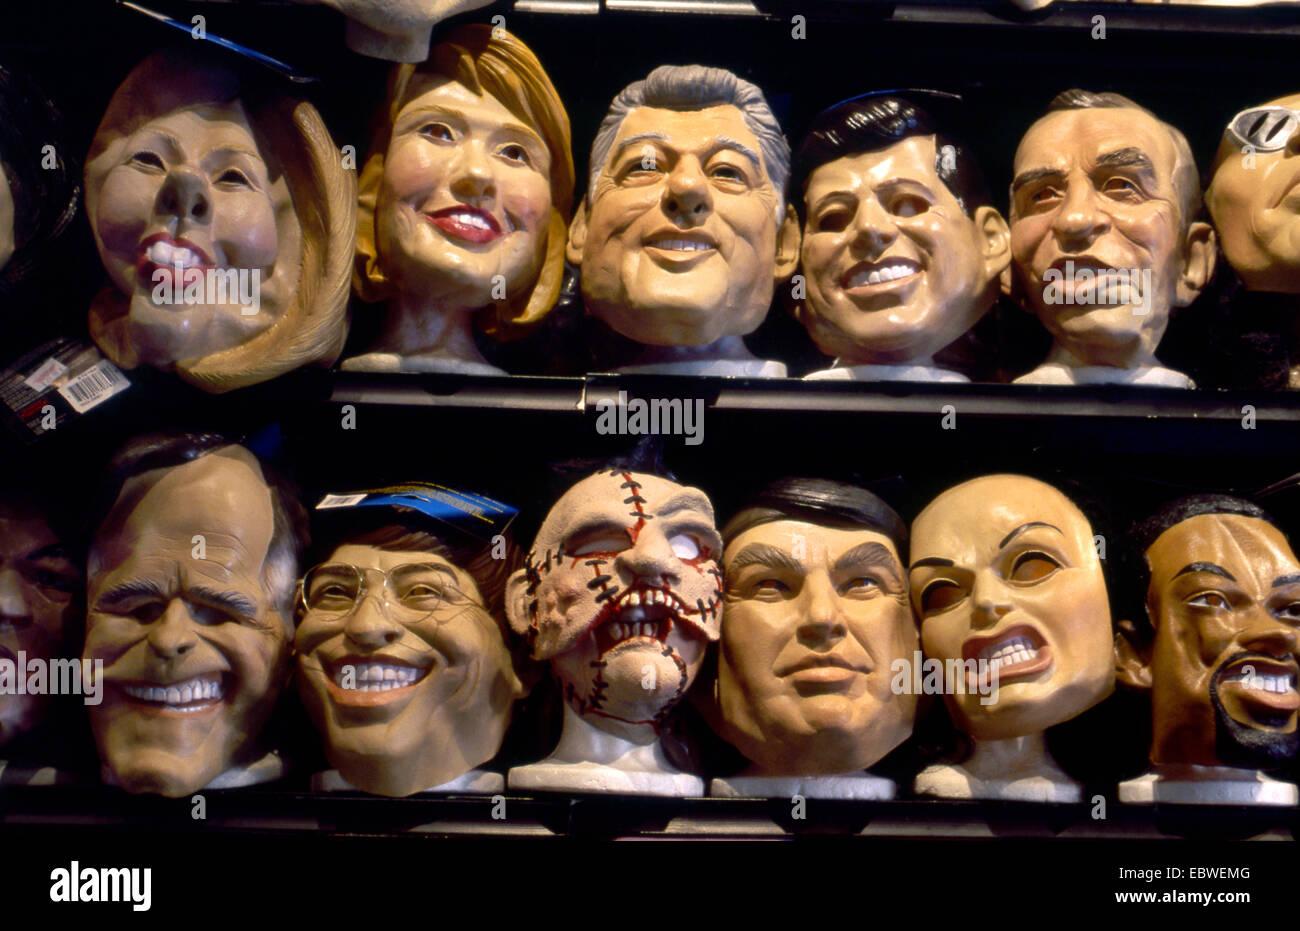 Halloween-Masken auf dem display Stockbild